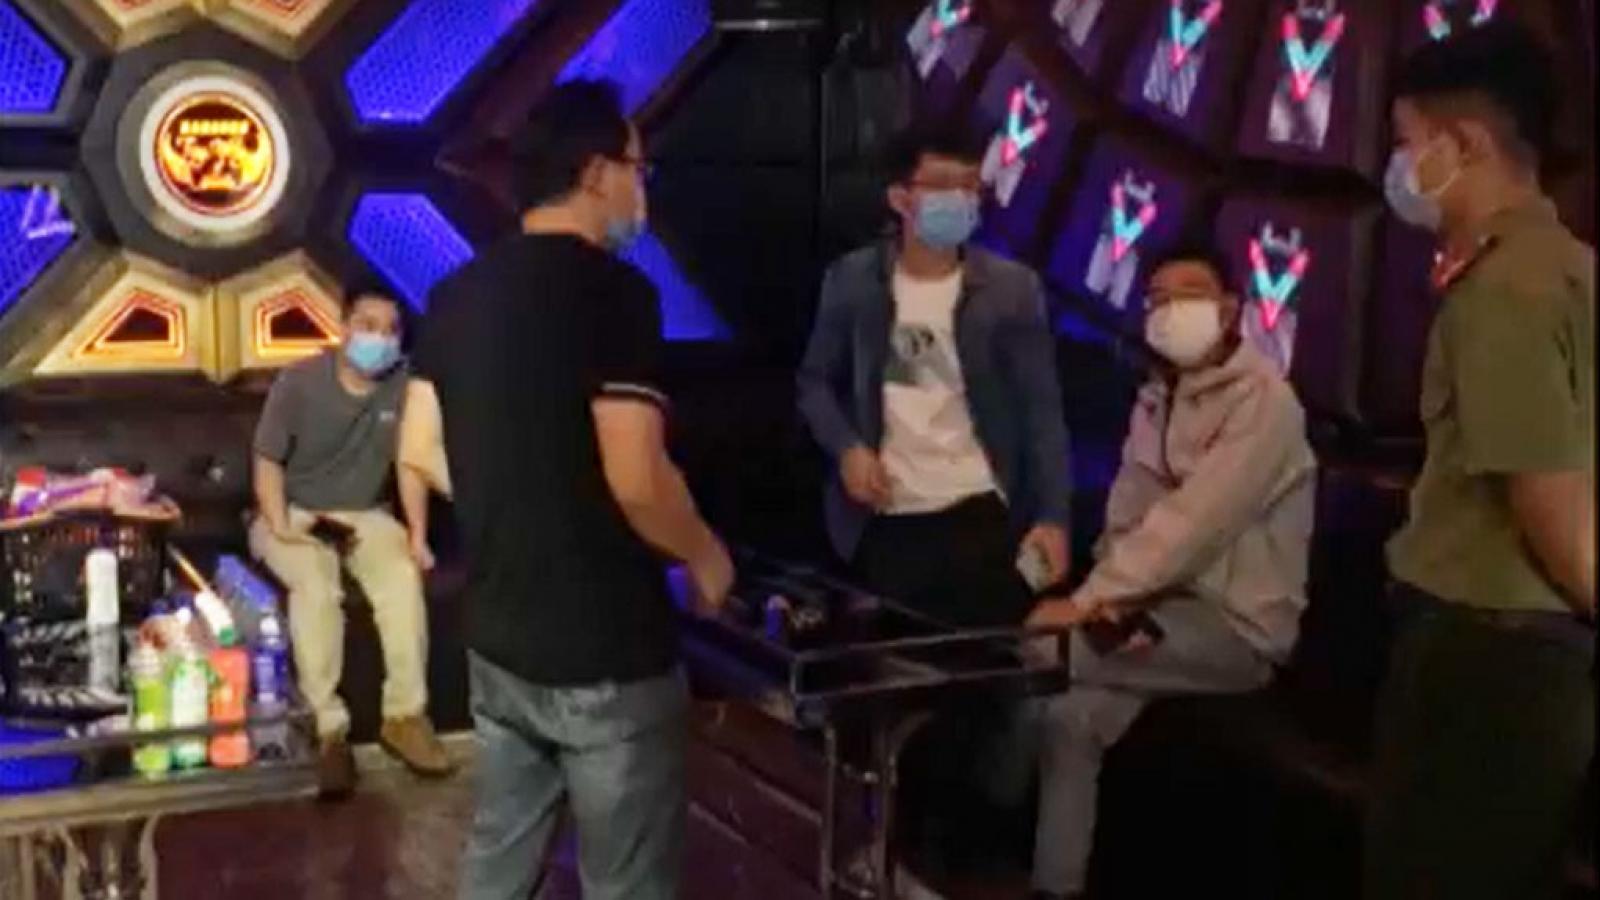 4 người nước ngoài tụ tập hát karaoke vi phạm quy định phòng dịch